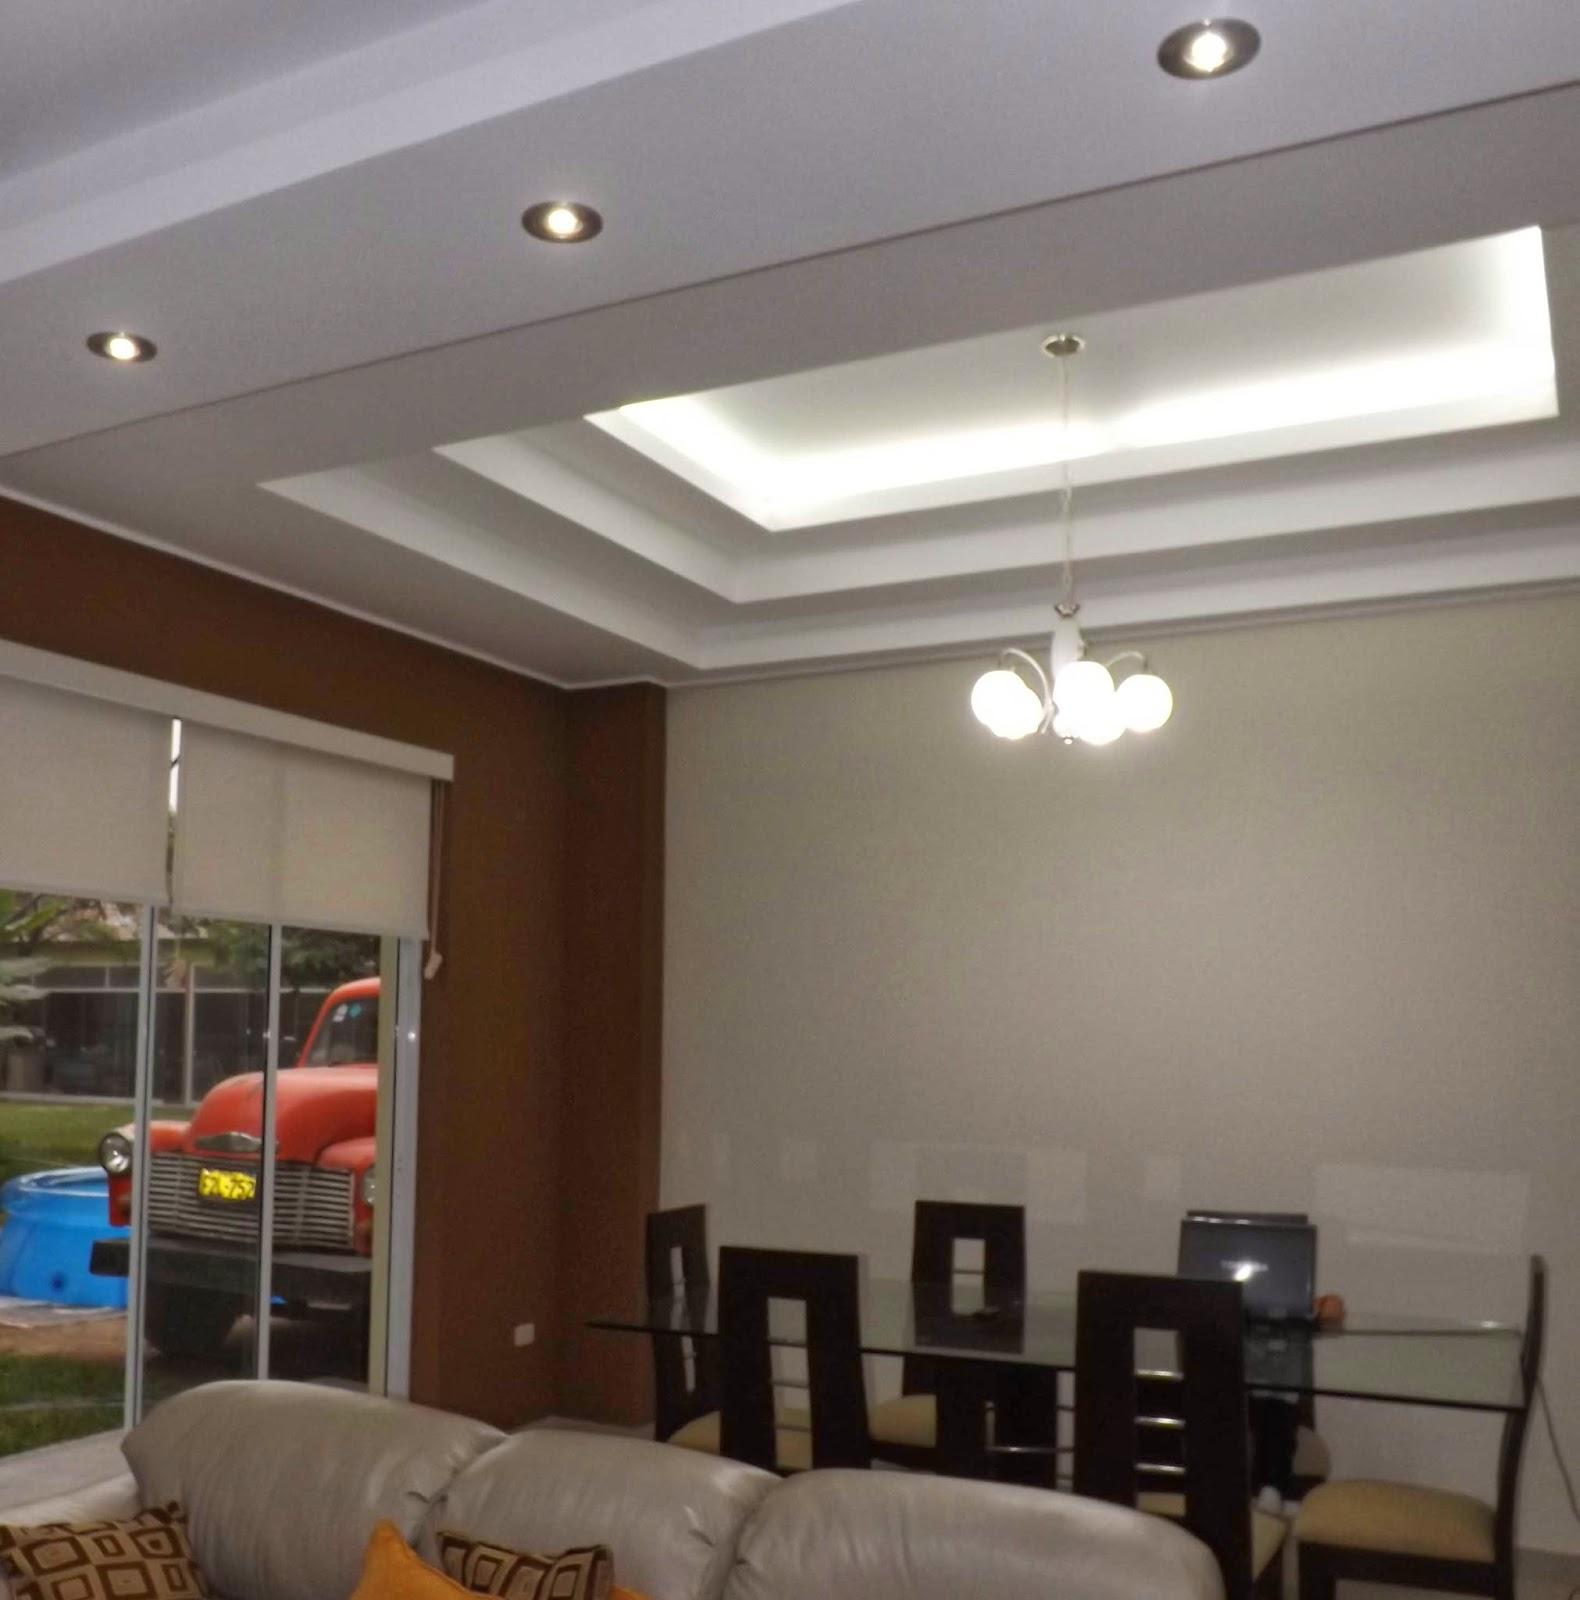 Oniria acondicionamiento de vivienda en construcci n for Figuras en drywall para cocinas